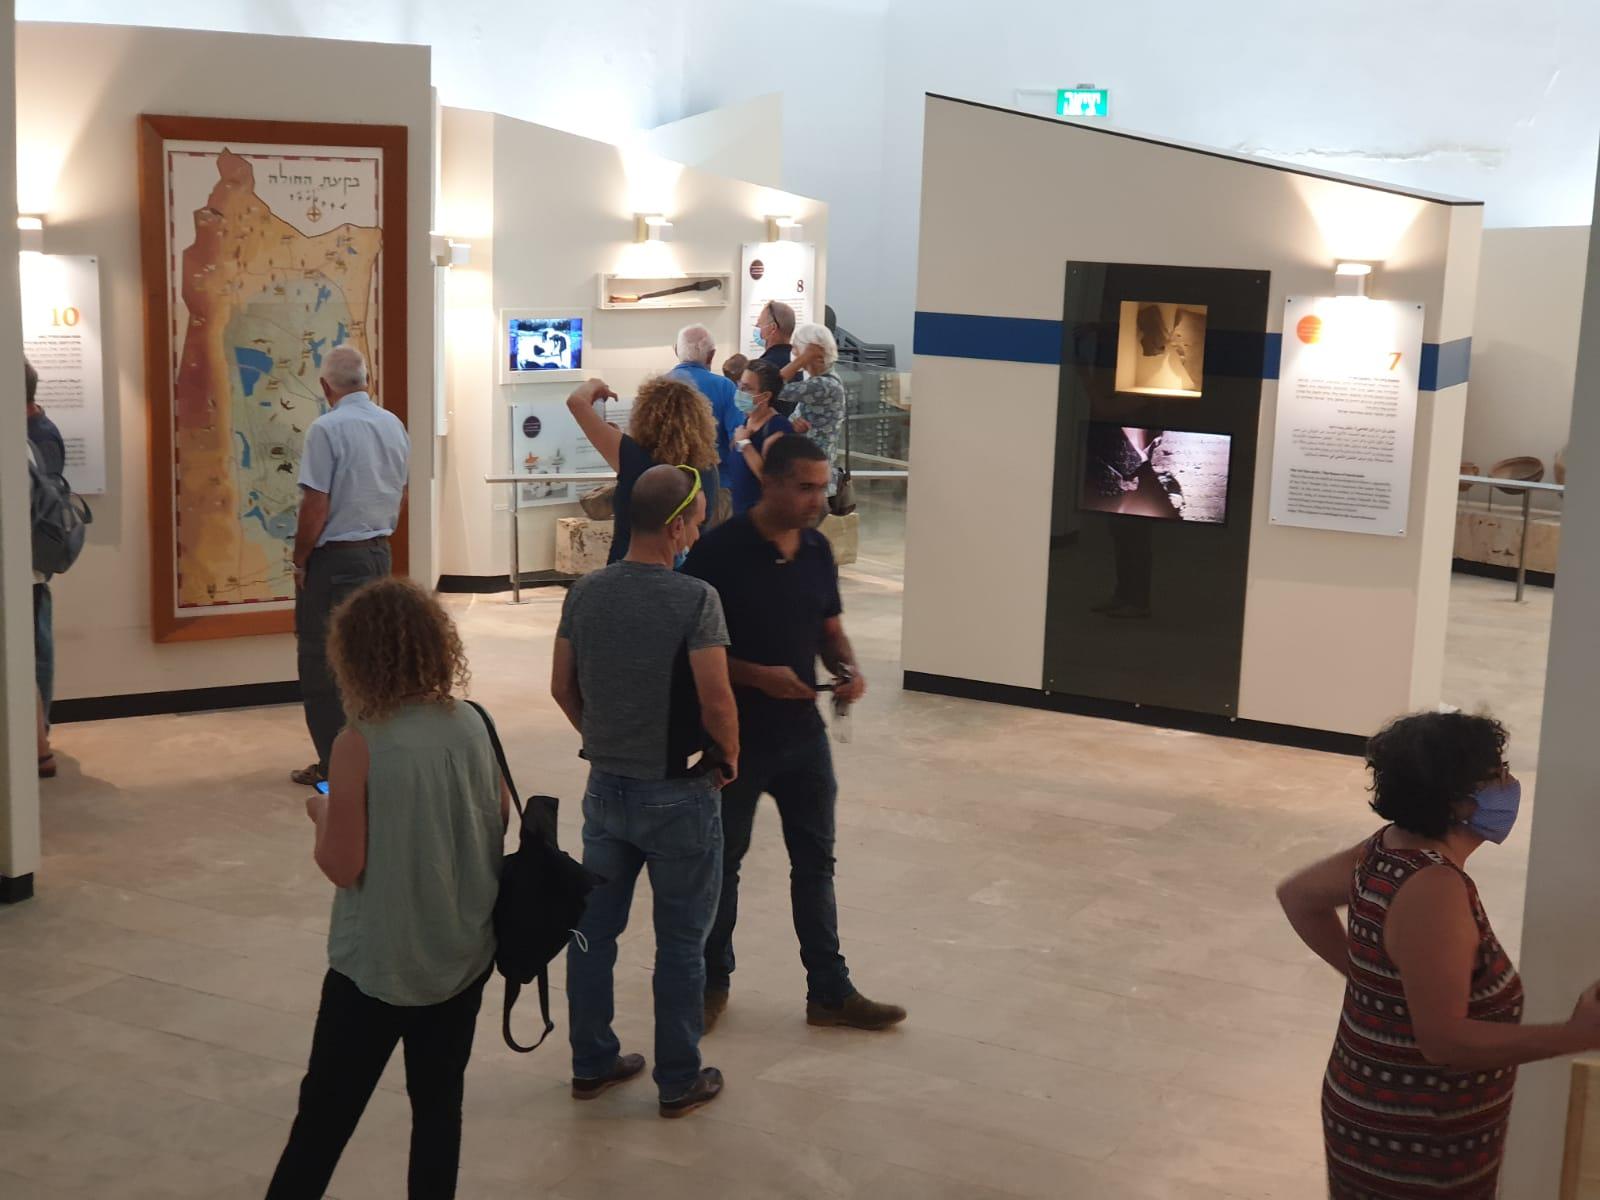 תערוכה בבית אוסישקין